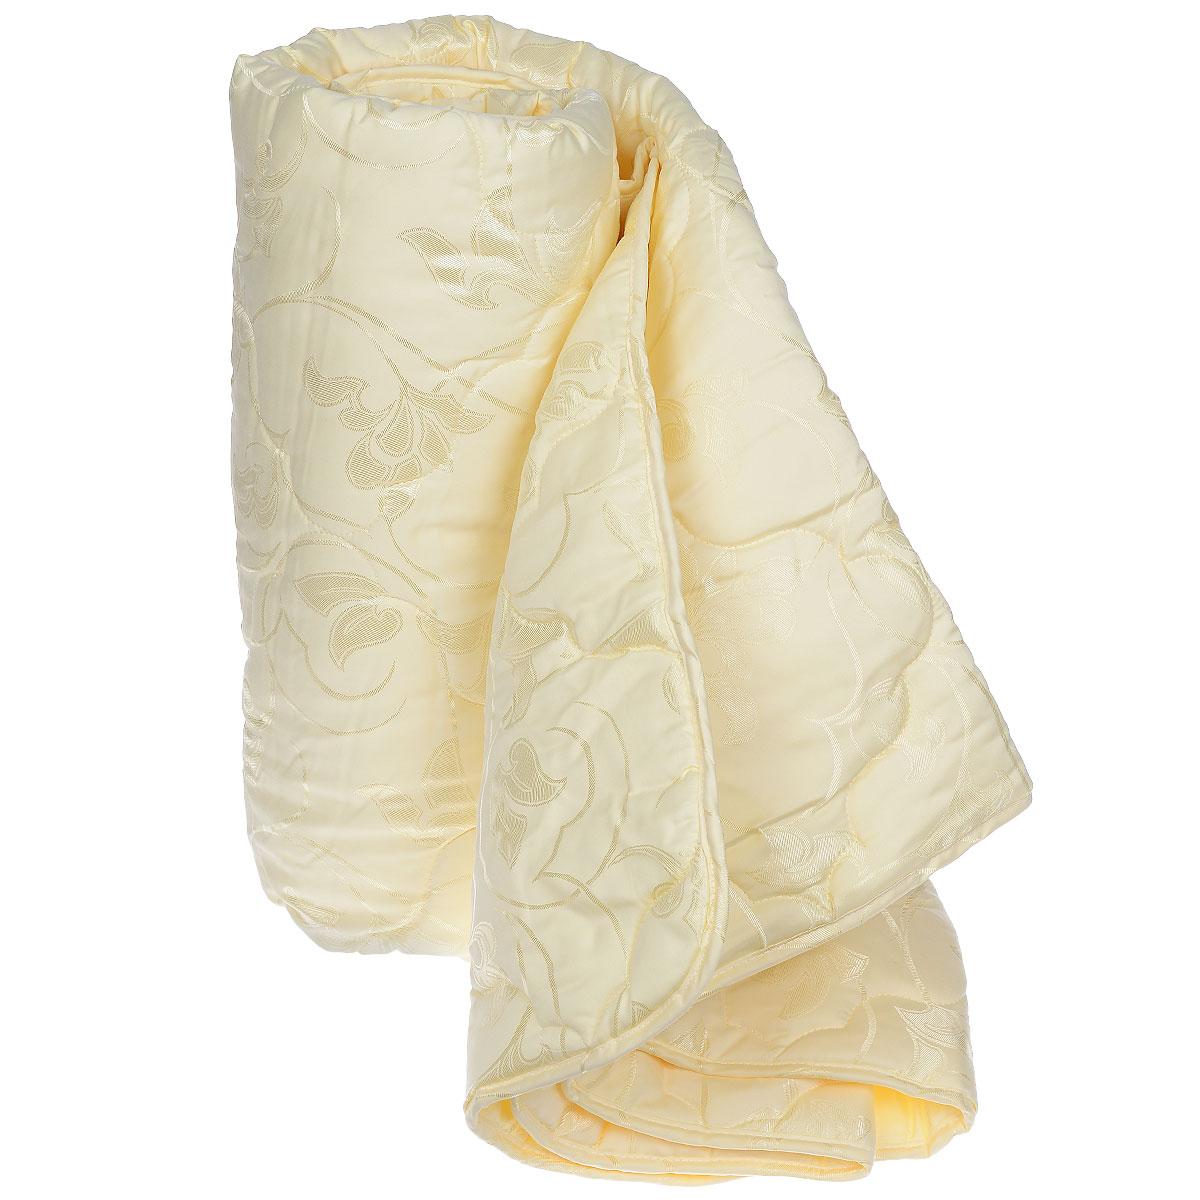 Одеяло Sova & Javoronok, наполнитель: шелковое волокно, цвет: бежевый, 140 х 205 см05030116080Чехол одеяла Sova & Javoronok выполнен из благородного сатина бежевого цвета.Наполнитель - натуральное шелковое волокно.Особенности наполнителя: - обладает высокими сорбционными свойствами, создавая эффект сухого тепла; - регулирует температурный режим; - не вызывает аллергических реакций.Шелк всегда считался одним из самых элитных и роскошных материалов. Очень нежный, легкий,шелк отлично приспосабливается к температуре тела и окружающей среды. Летом с подушкойиз шелка вы чувствуете прохладу, зимой - приятное тепло. В натуральном шелке не заводится ине живет пылевой клещ, также шелк обладает бактериостатическими свойствами (в нем неразмножаются патогенные бактерии), в нем не живут и не размножаются грибки и сапрофиты.Натуральный шелк гипоаллергенен и рекомендован людям с аллергическими реакциями. Привпитывании шелком влаги до 30% от собственного веса он остается сухим на ощупь.Натуральный шелк не электризуется. Одеяло Sova & Javoronok упакована в тканно-пластиковый чехол на змейке с ручками, чтоявляется чрезвычайно удобным при переноске.Рекомендации по уходу:- Стирка запрещена,- Нельзя отбеливать. При стирке не использовать средства, содержащие отбеливатели (хлор),- Не гладить. Не применять обработку паром,- Химчистка с использованием углеводорода, хлорного этилена,- Нельзя выжимать и сушить в стиральной машине. Размер одеяла: 140 см х 205 см.Материал чехла: сатин (100% хлопок). Материал наполнителя: шелковое волокно.